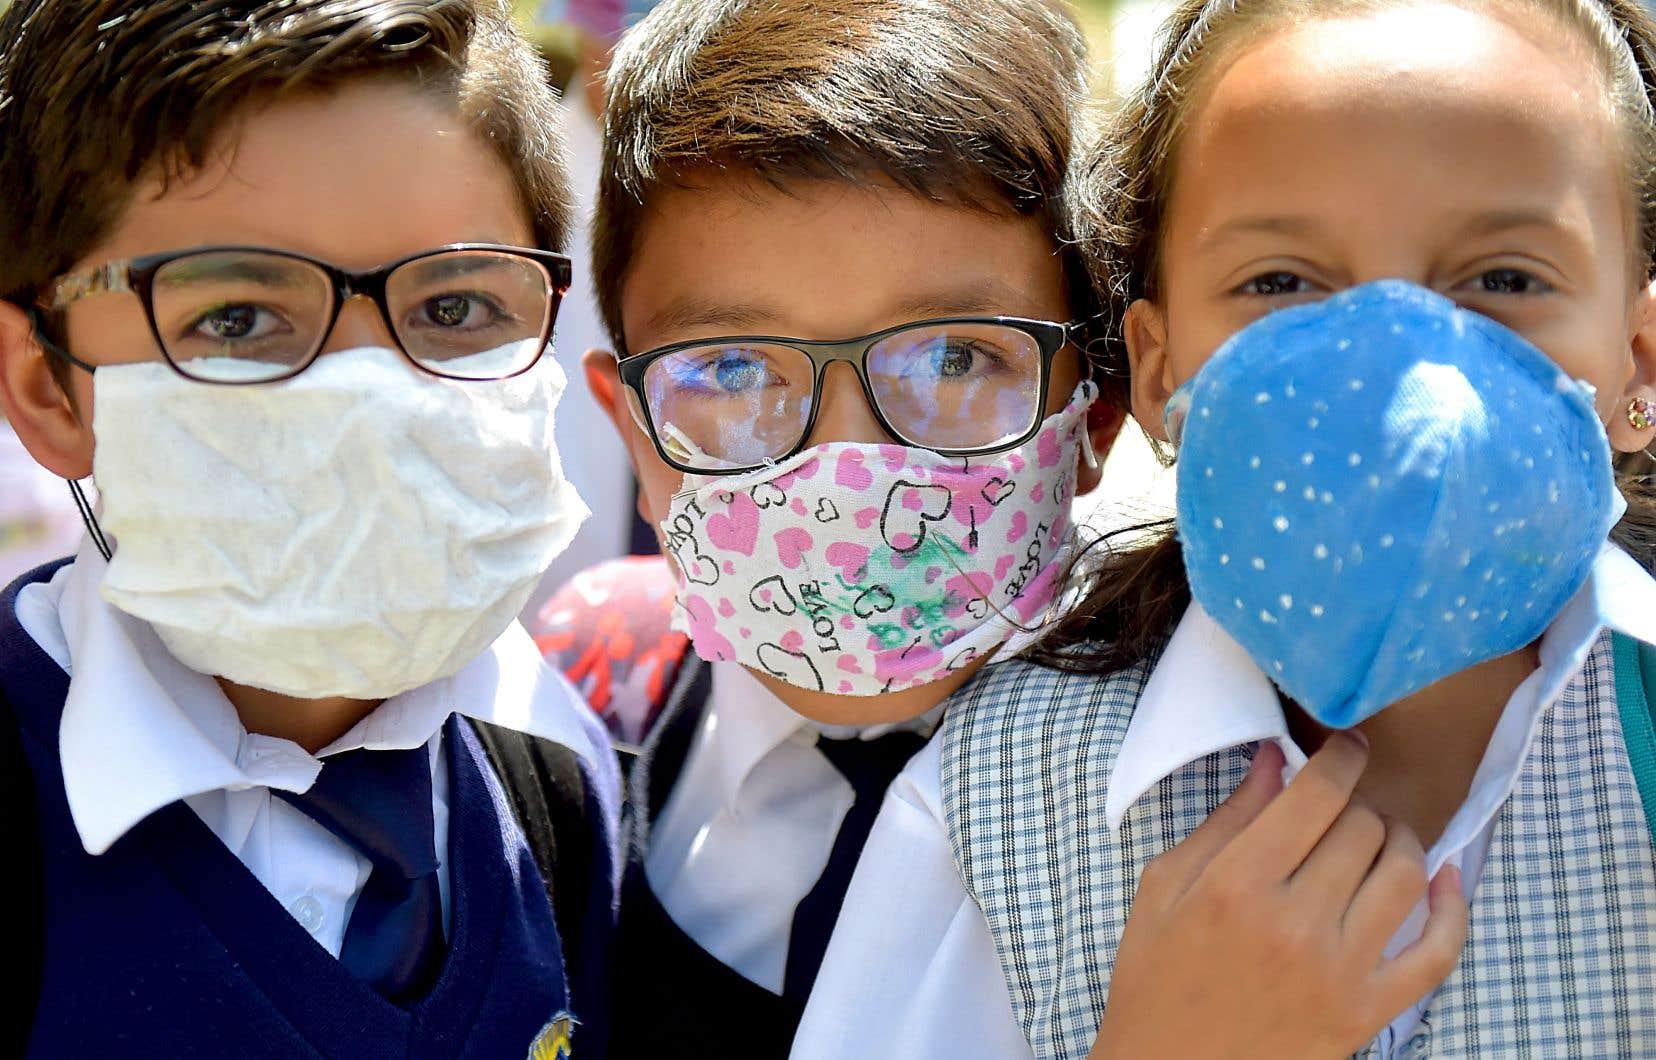 En Colombie, des écoliers ont récupéré différents tissus pour s'en fabriquer des masques afin, espèrent-ils, de se protéger contre le nouveau coronavirus. Dans ce pays comme dans plusieurs autres, il y a rupture des stocks de masques.